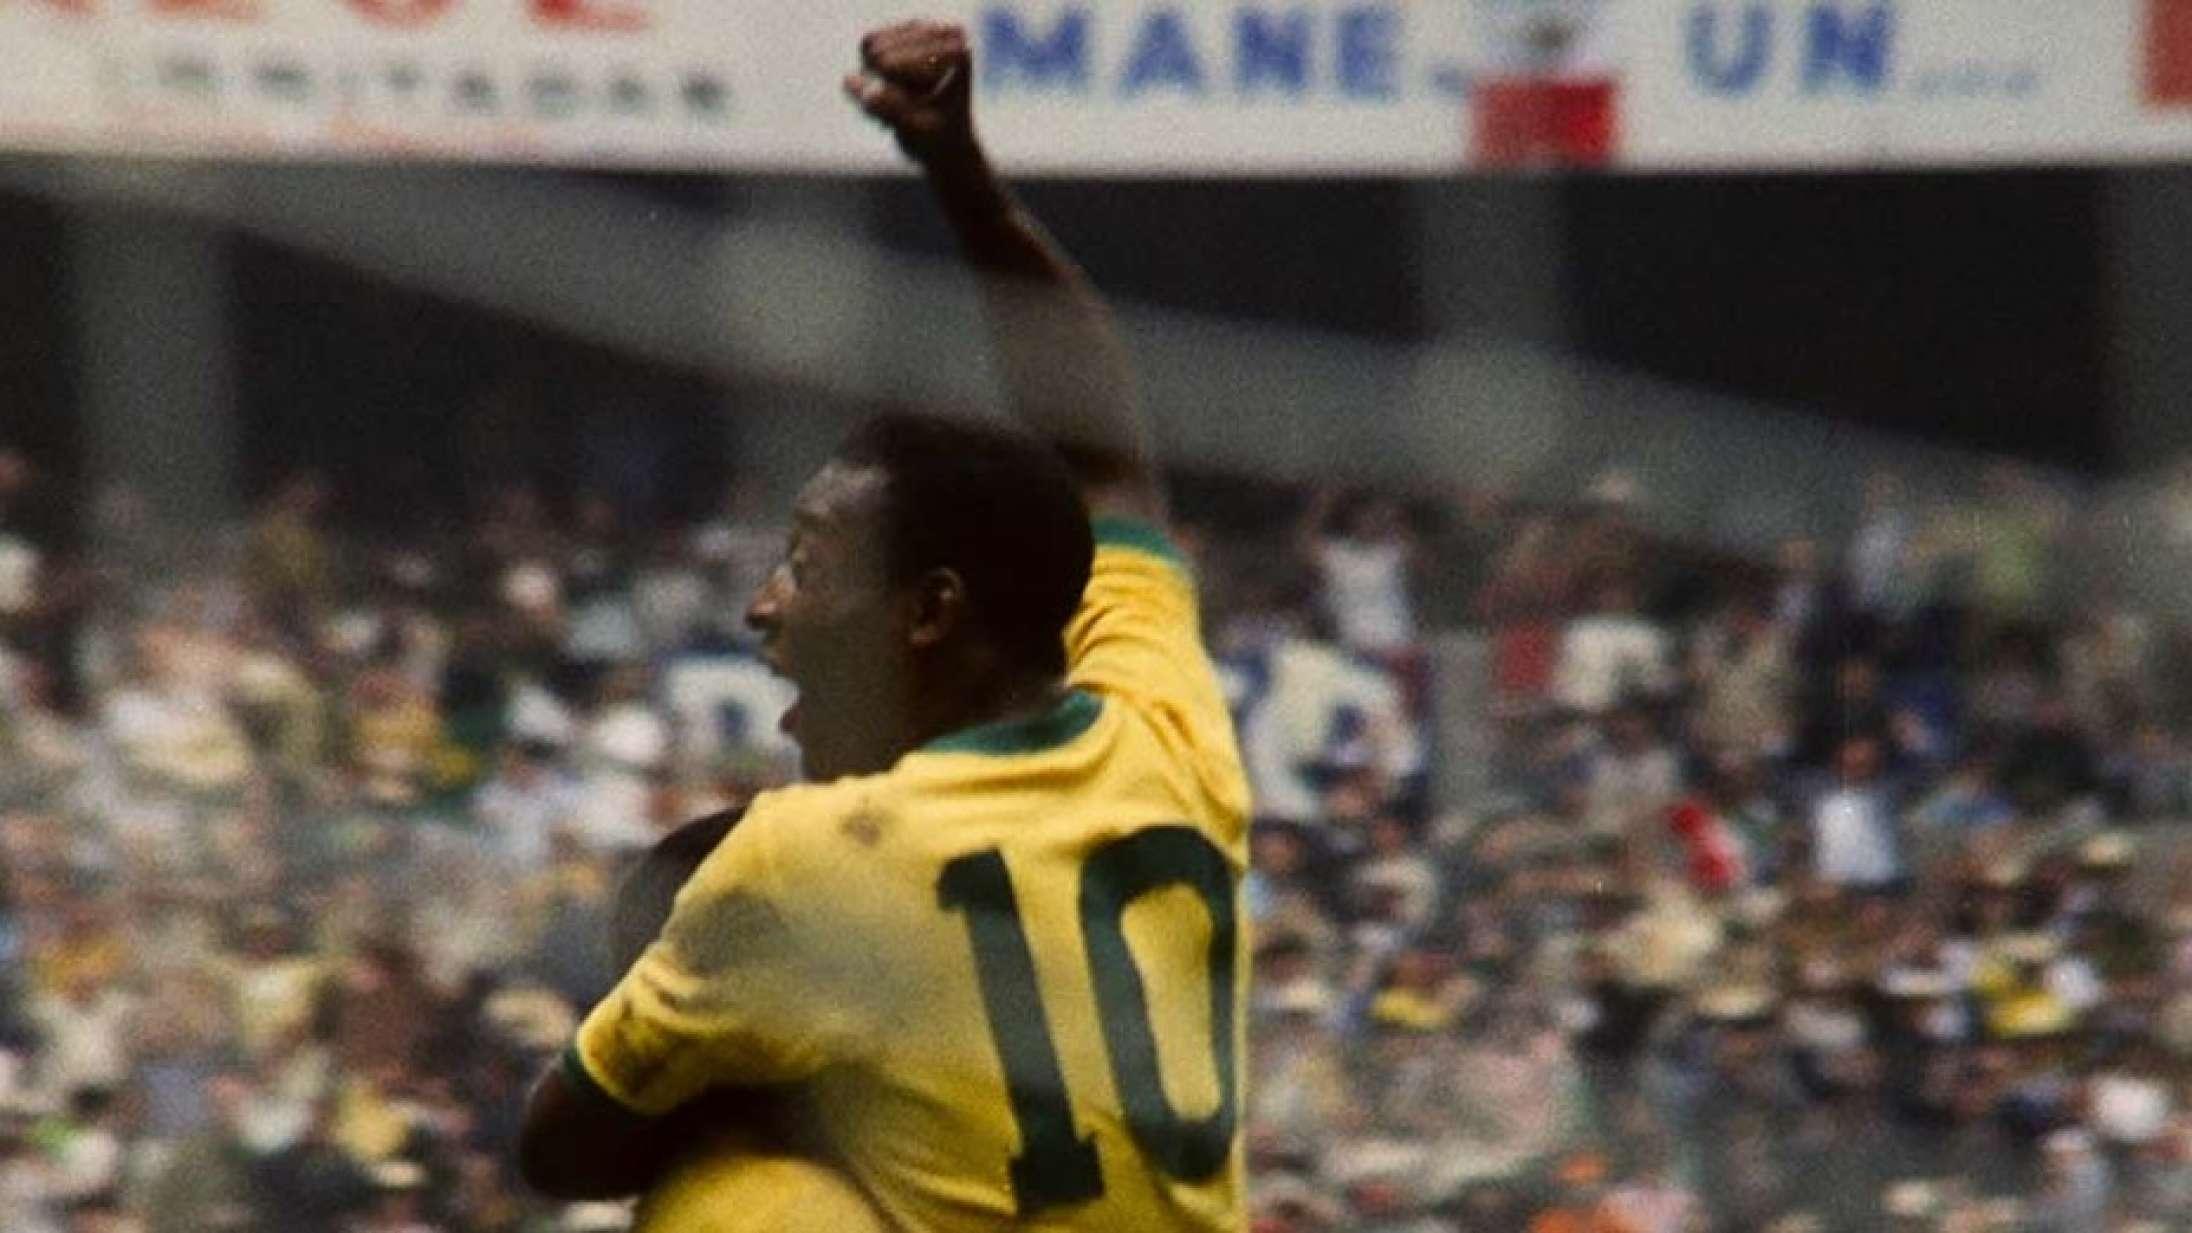 'Pelé': Fodboldlegenden Pelé er i sandhed ingen Maradona